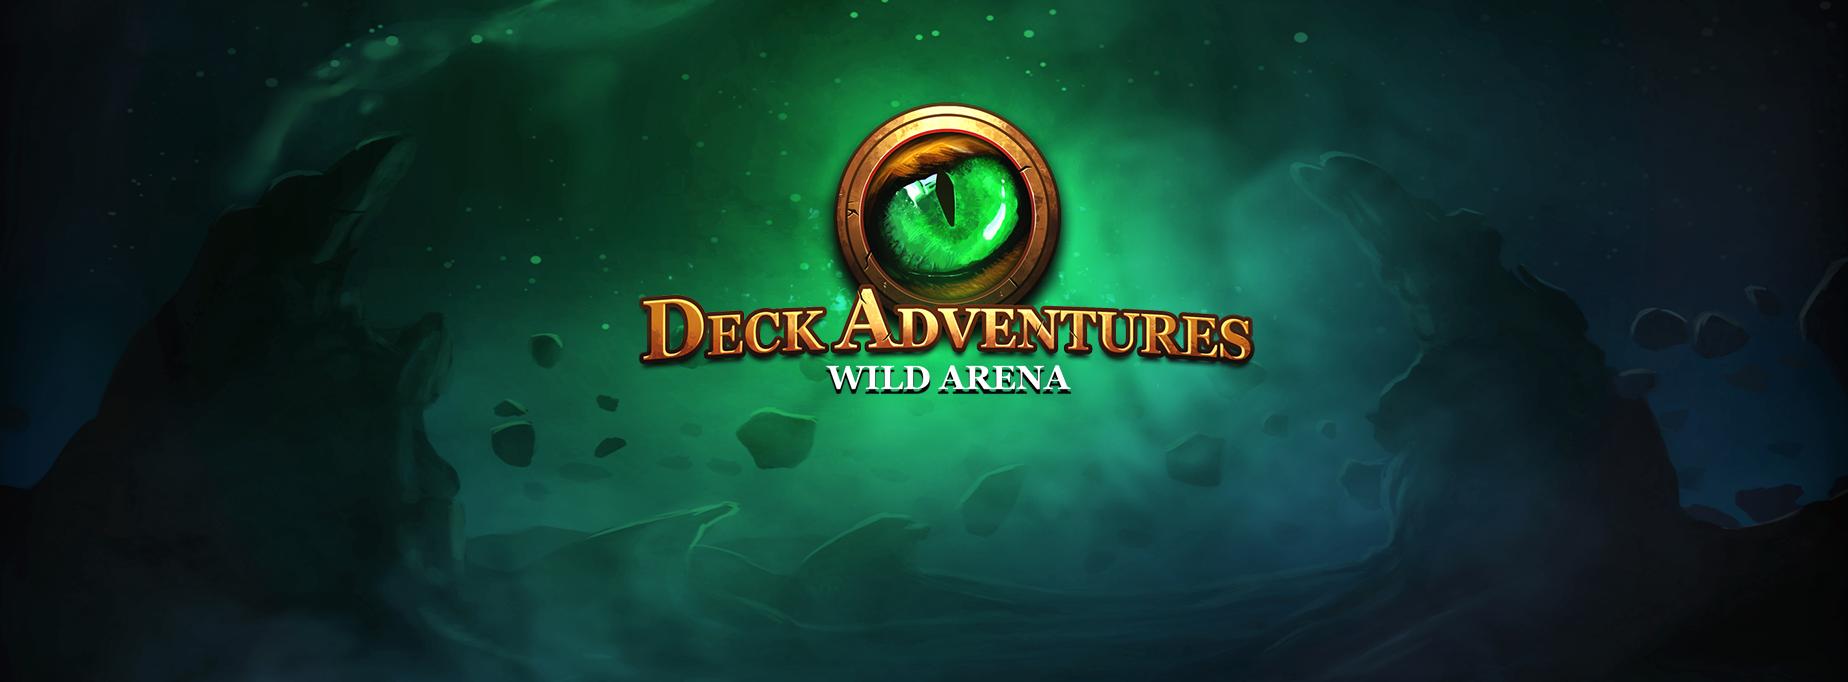 Deck Adventures - Wild Arena